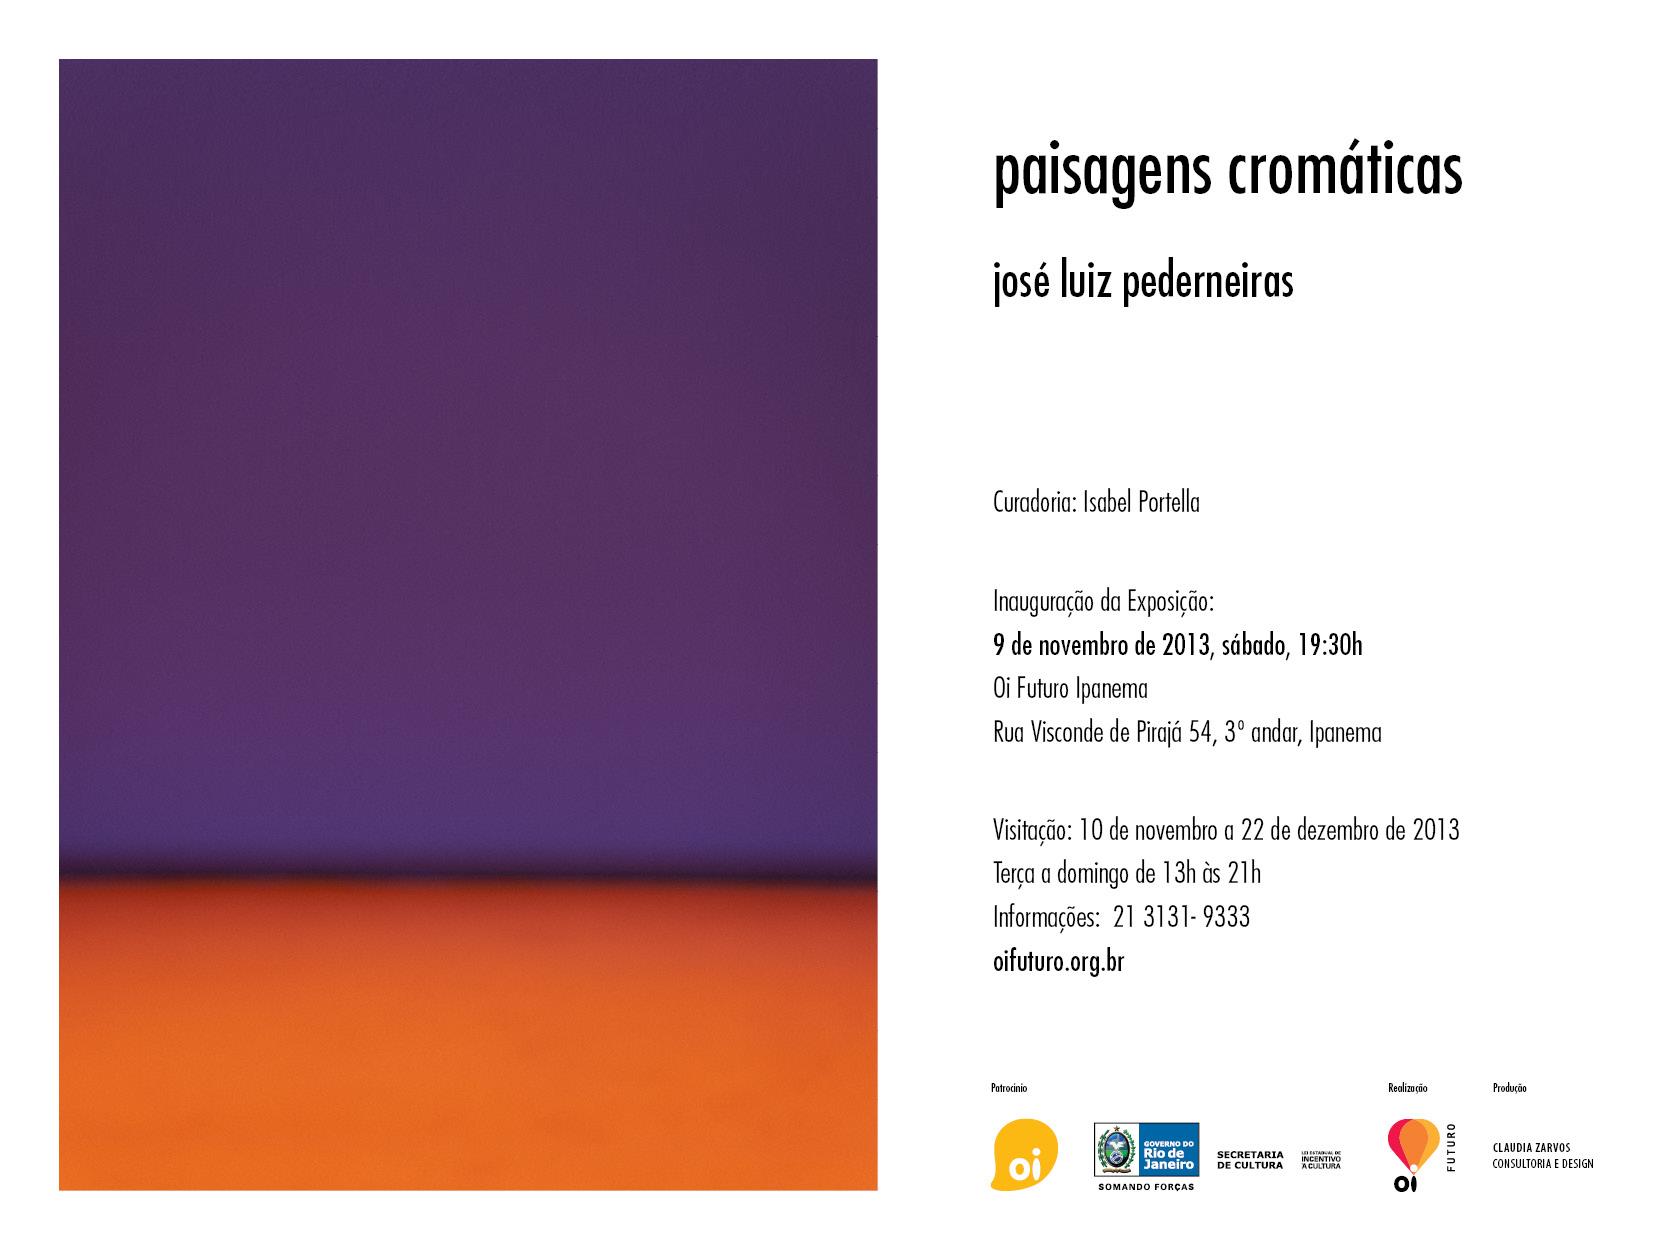 convite_paisagens cromaticas